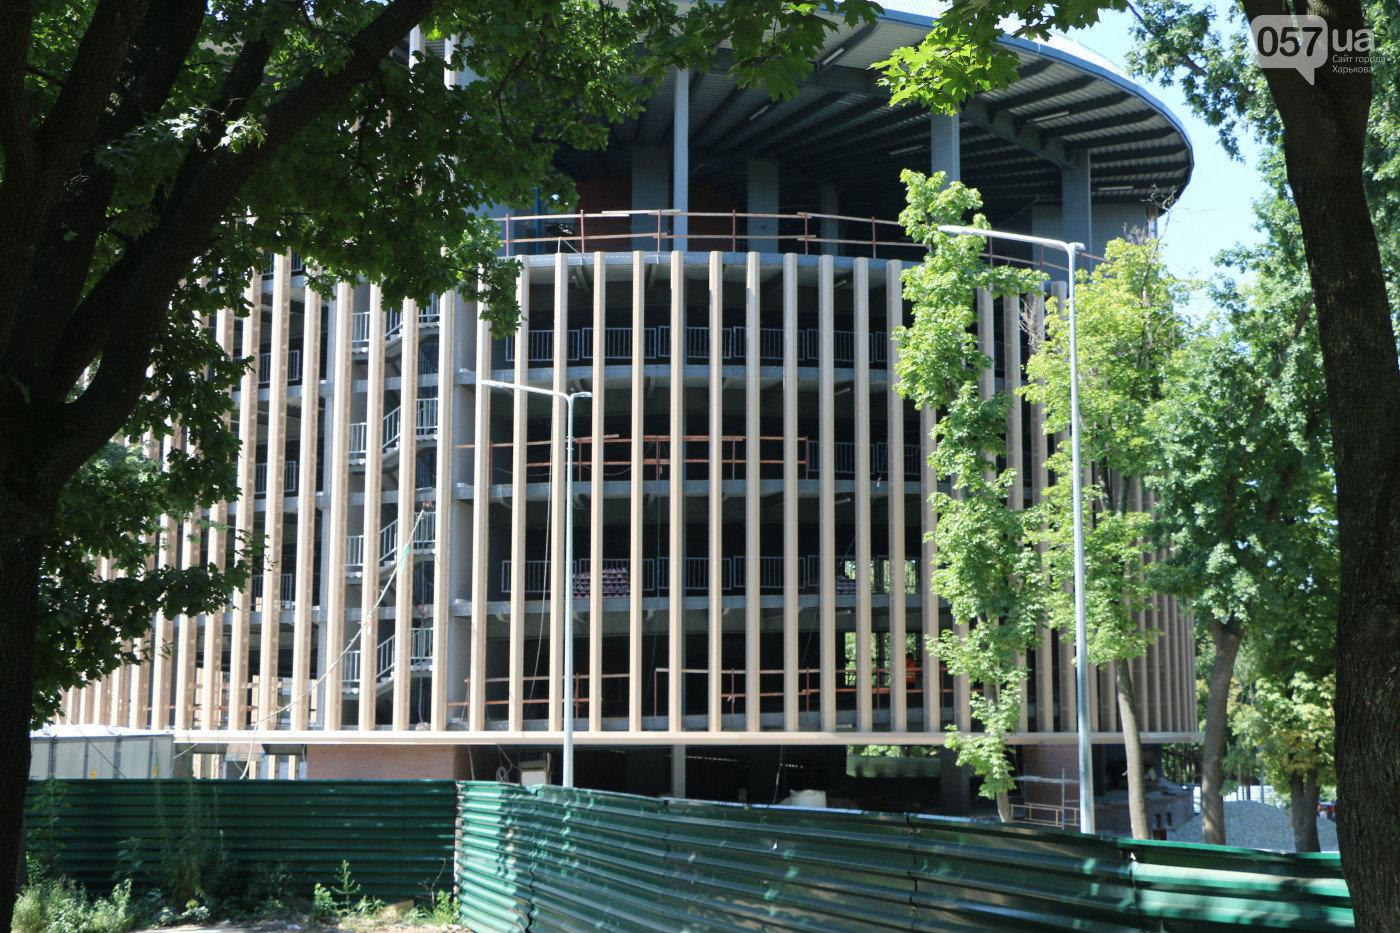 Сквер, паркинг и лавочки: ТОП завершенных строек Харькова за 2020 год, фото-14